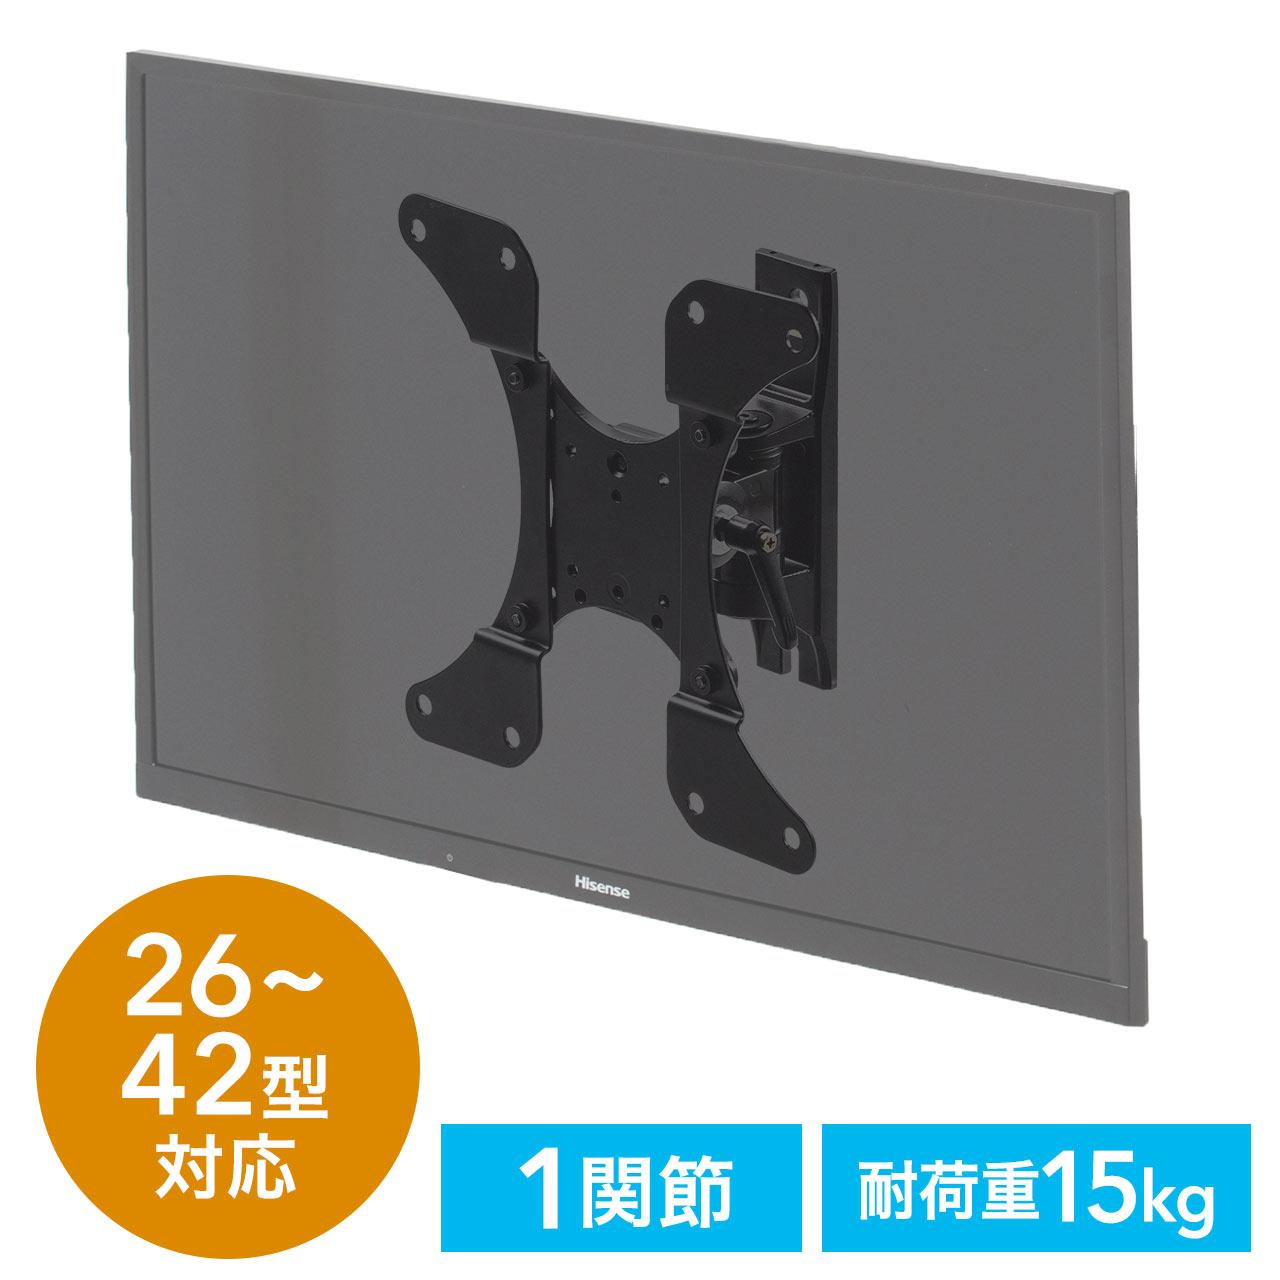 テレビ壁掛け金具(アームタイプ・26・32・37・42型対応・角度調整対応・汎用) サンワダイレクト サンワサプライ 100-LASM003